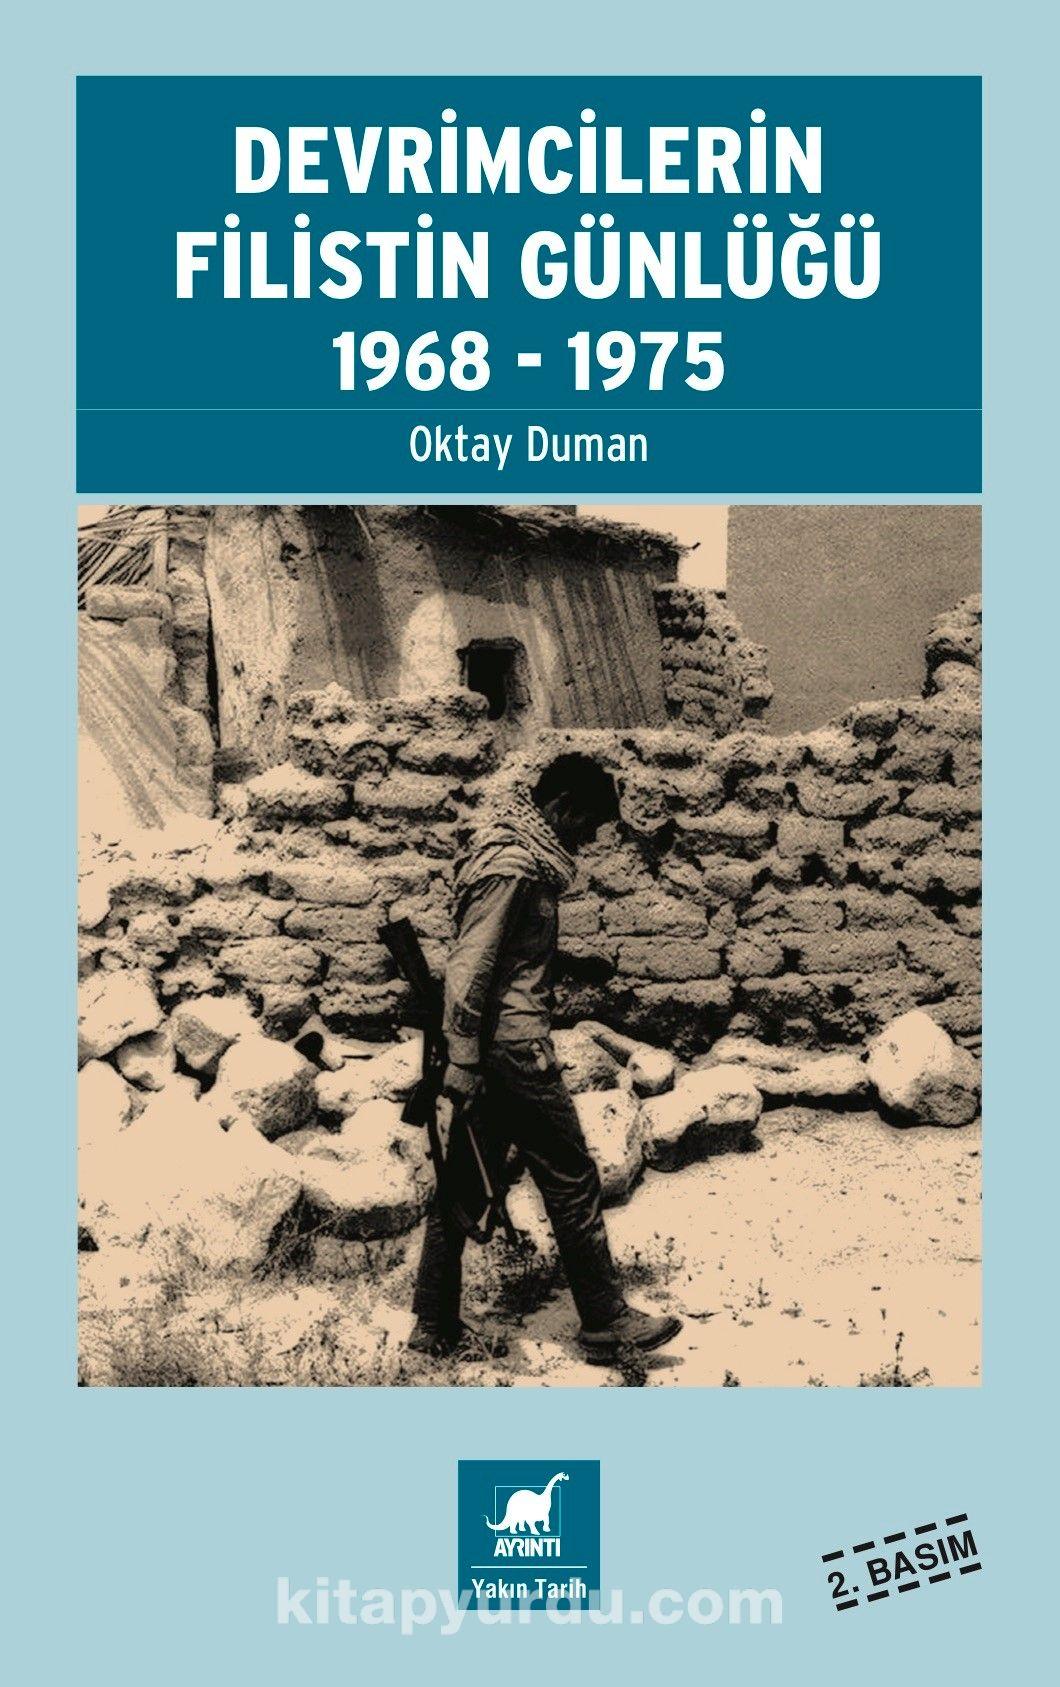 Devrimcilerin Filistin Günlüğü 1968-1975 - Oktay Duman pdf epub